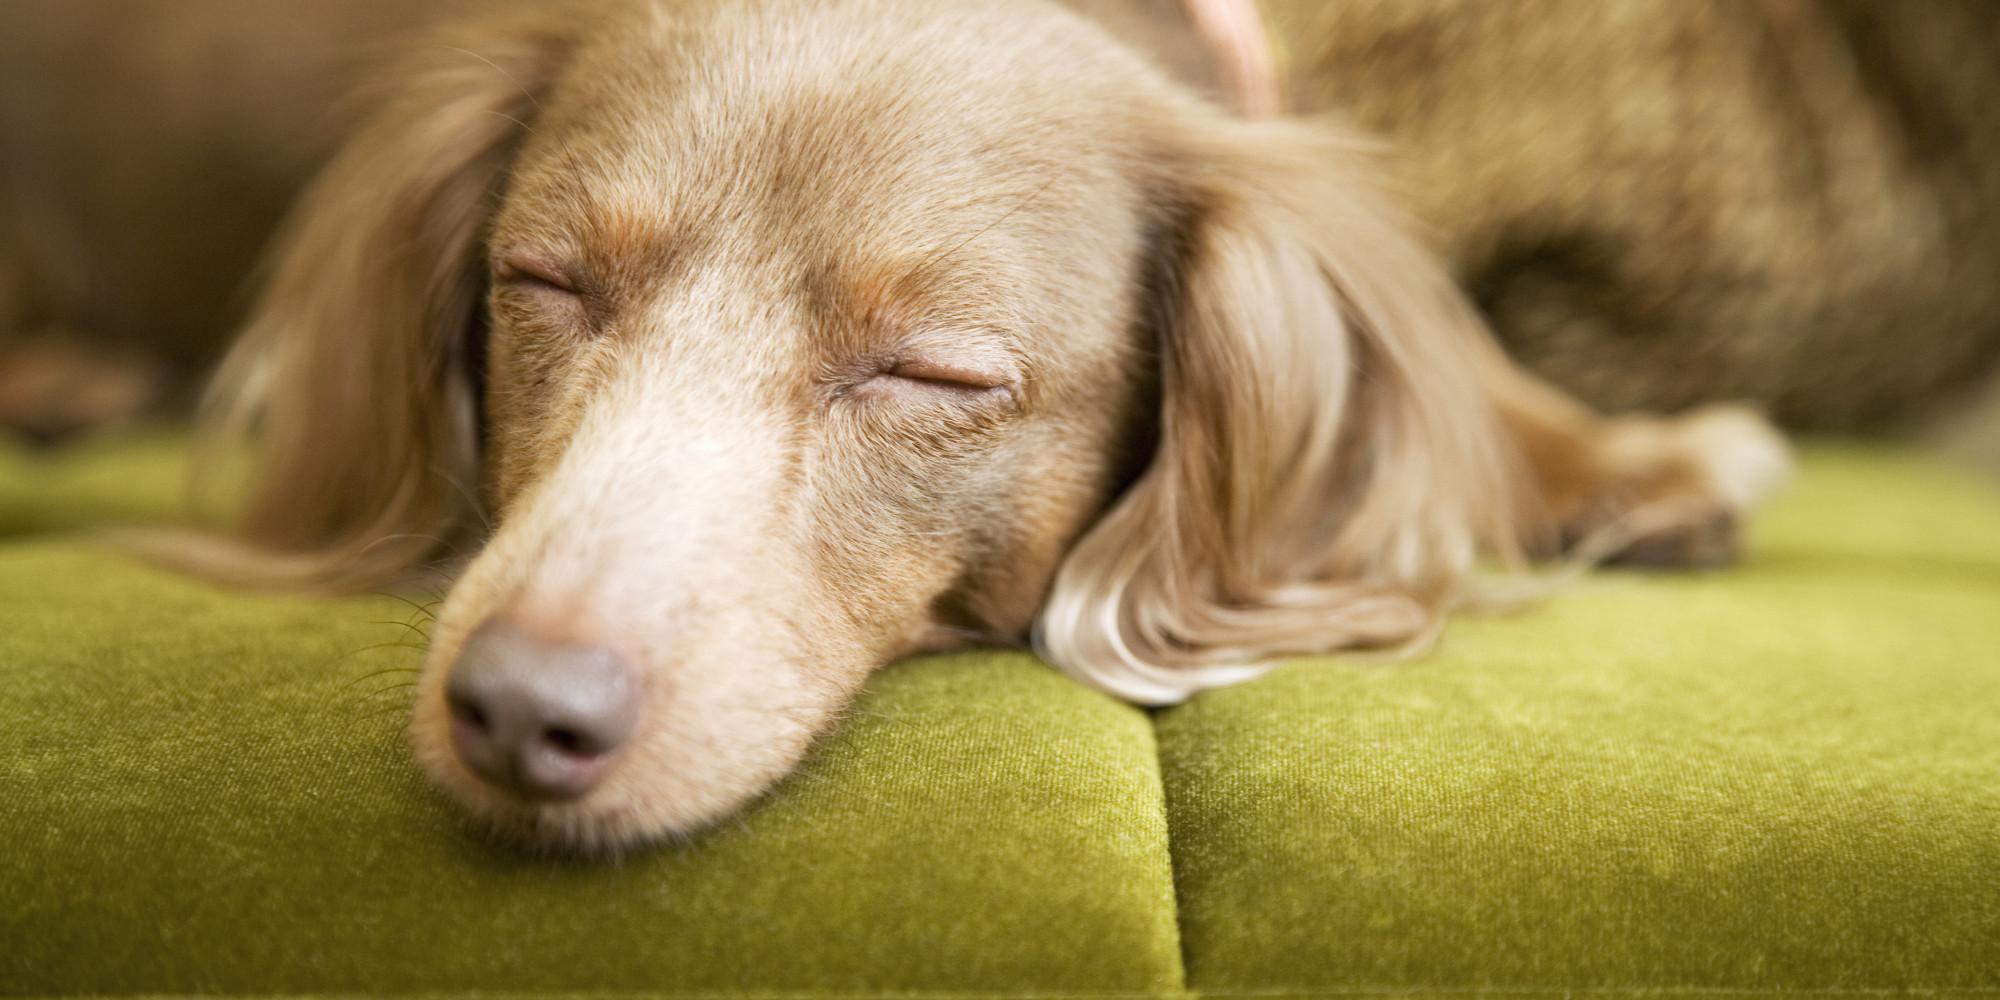 Fullsize Of Putting The Dog To Sleep Lyrics